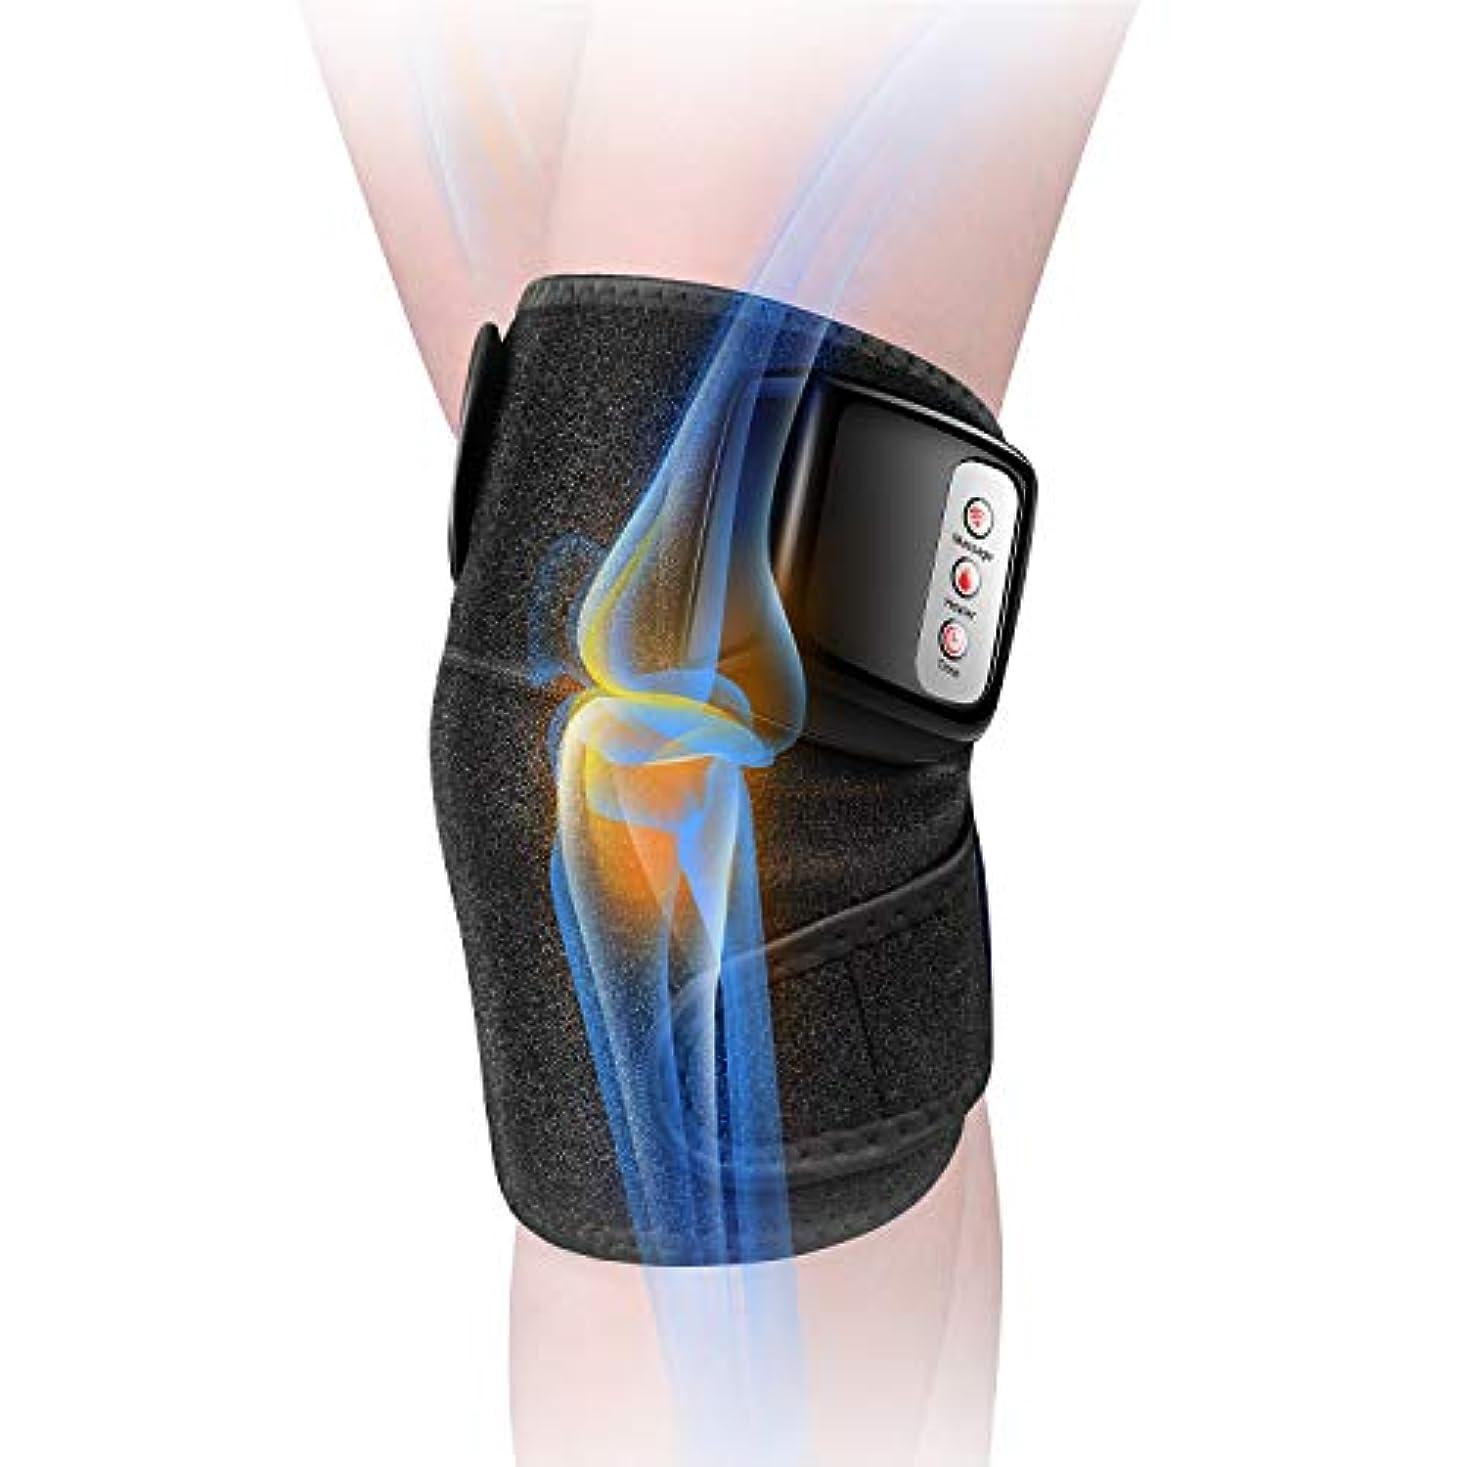 マルクス主義製造聖職者膝マッサージャー 関節マッサージャー マッサージ器 フットマッサージャー 振動 赤外線療法 温熱療法 膝サポーター ストレス解消 肩 太もも/腕対応